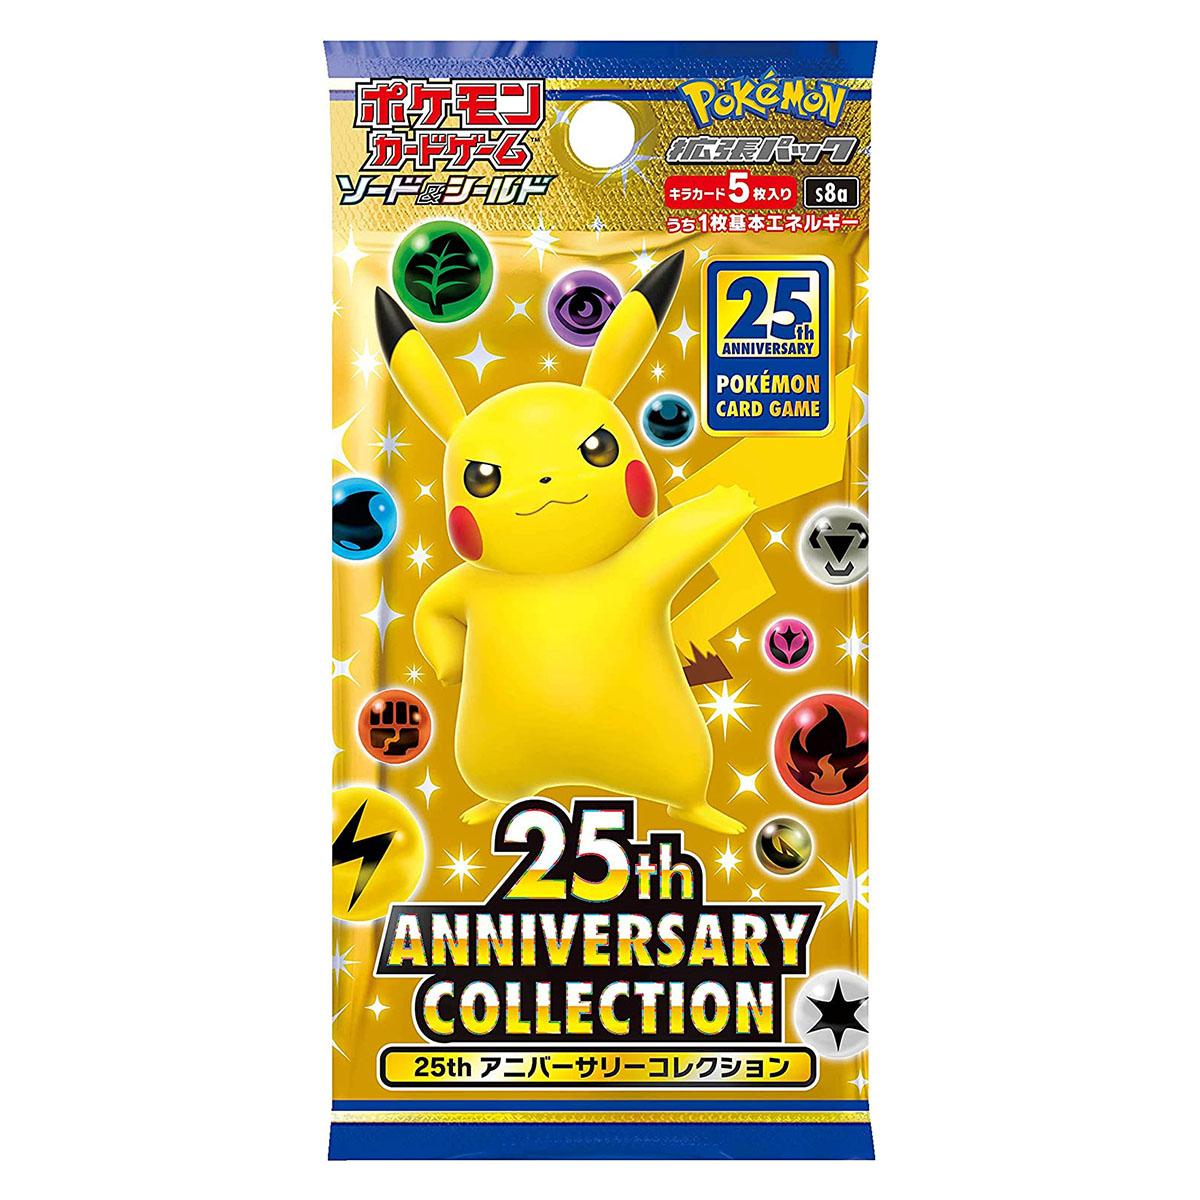 ポケモンカードゲーム ソード&シールド『拡張パック 25th ANNIVERSARY COLLECTION』BOX-002